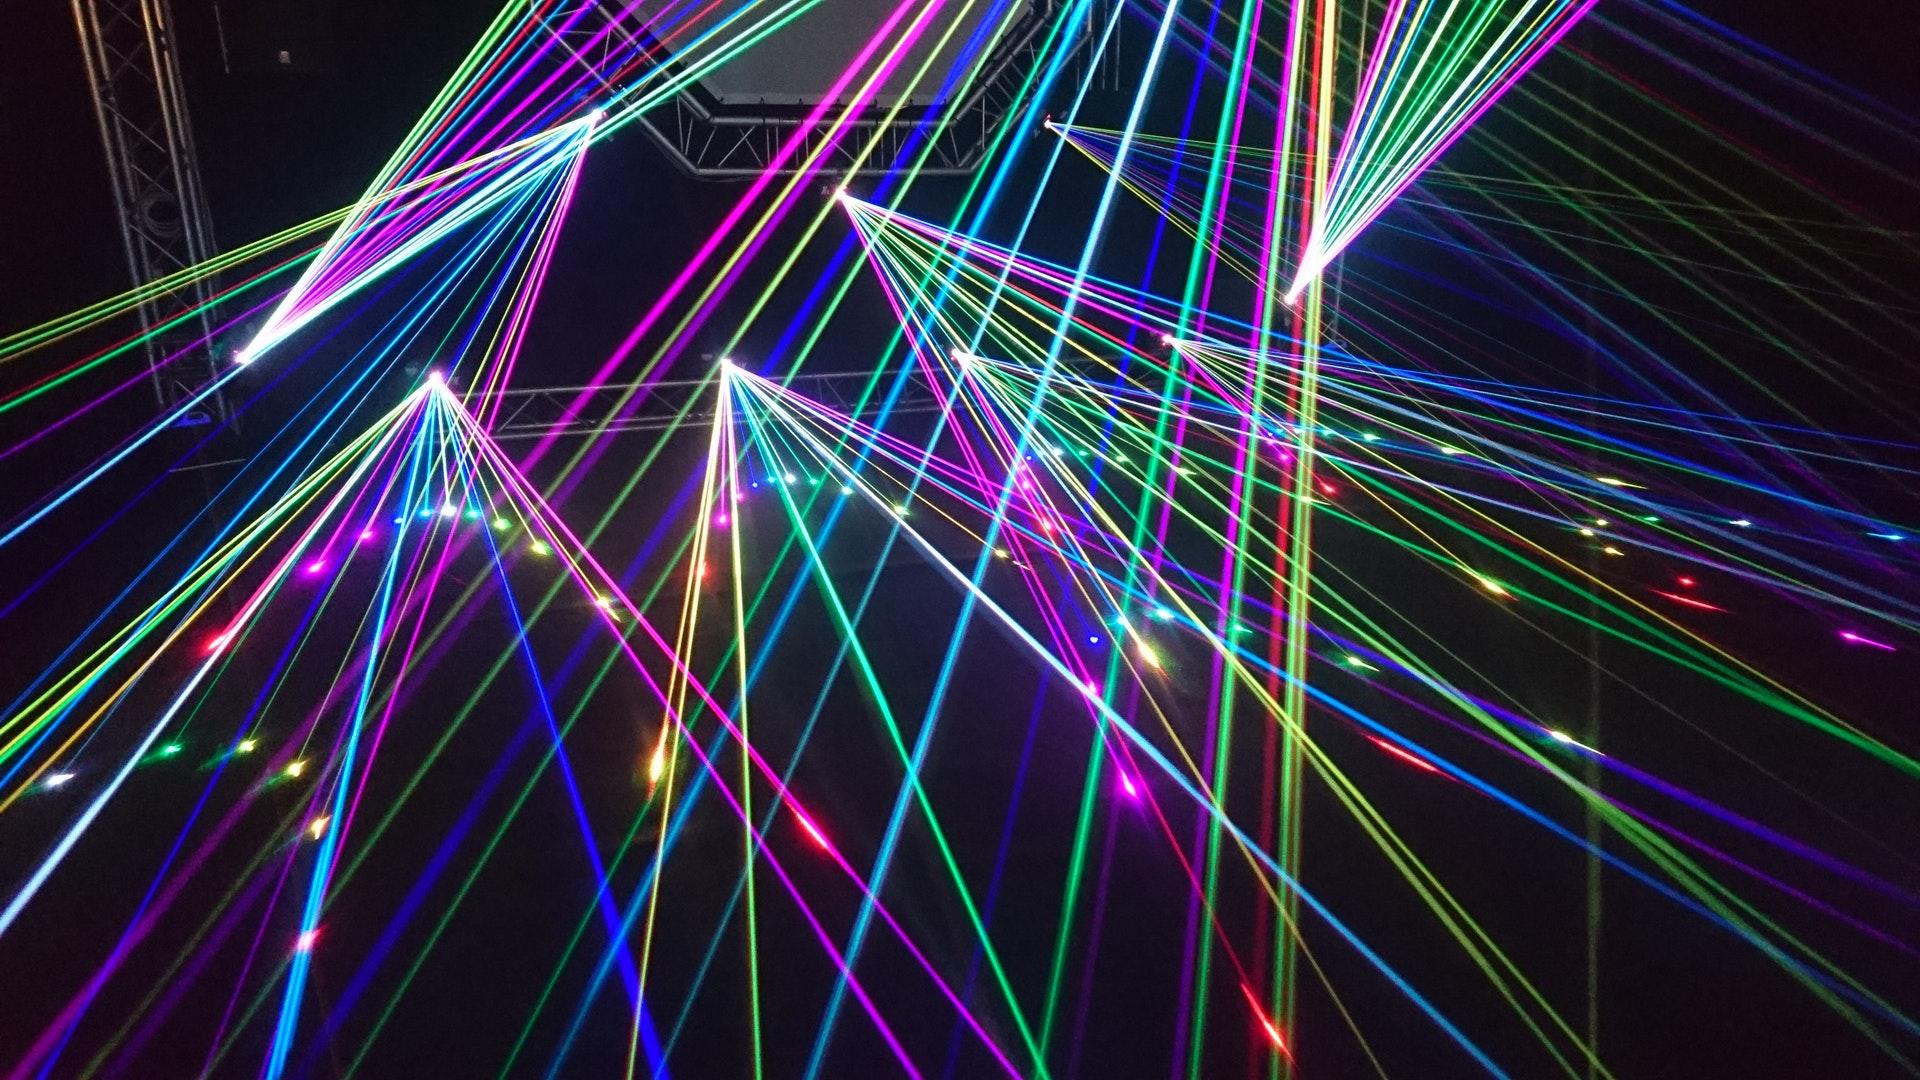 激光行业:制造业复苏驱动行业龙头业绩成长